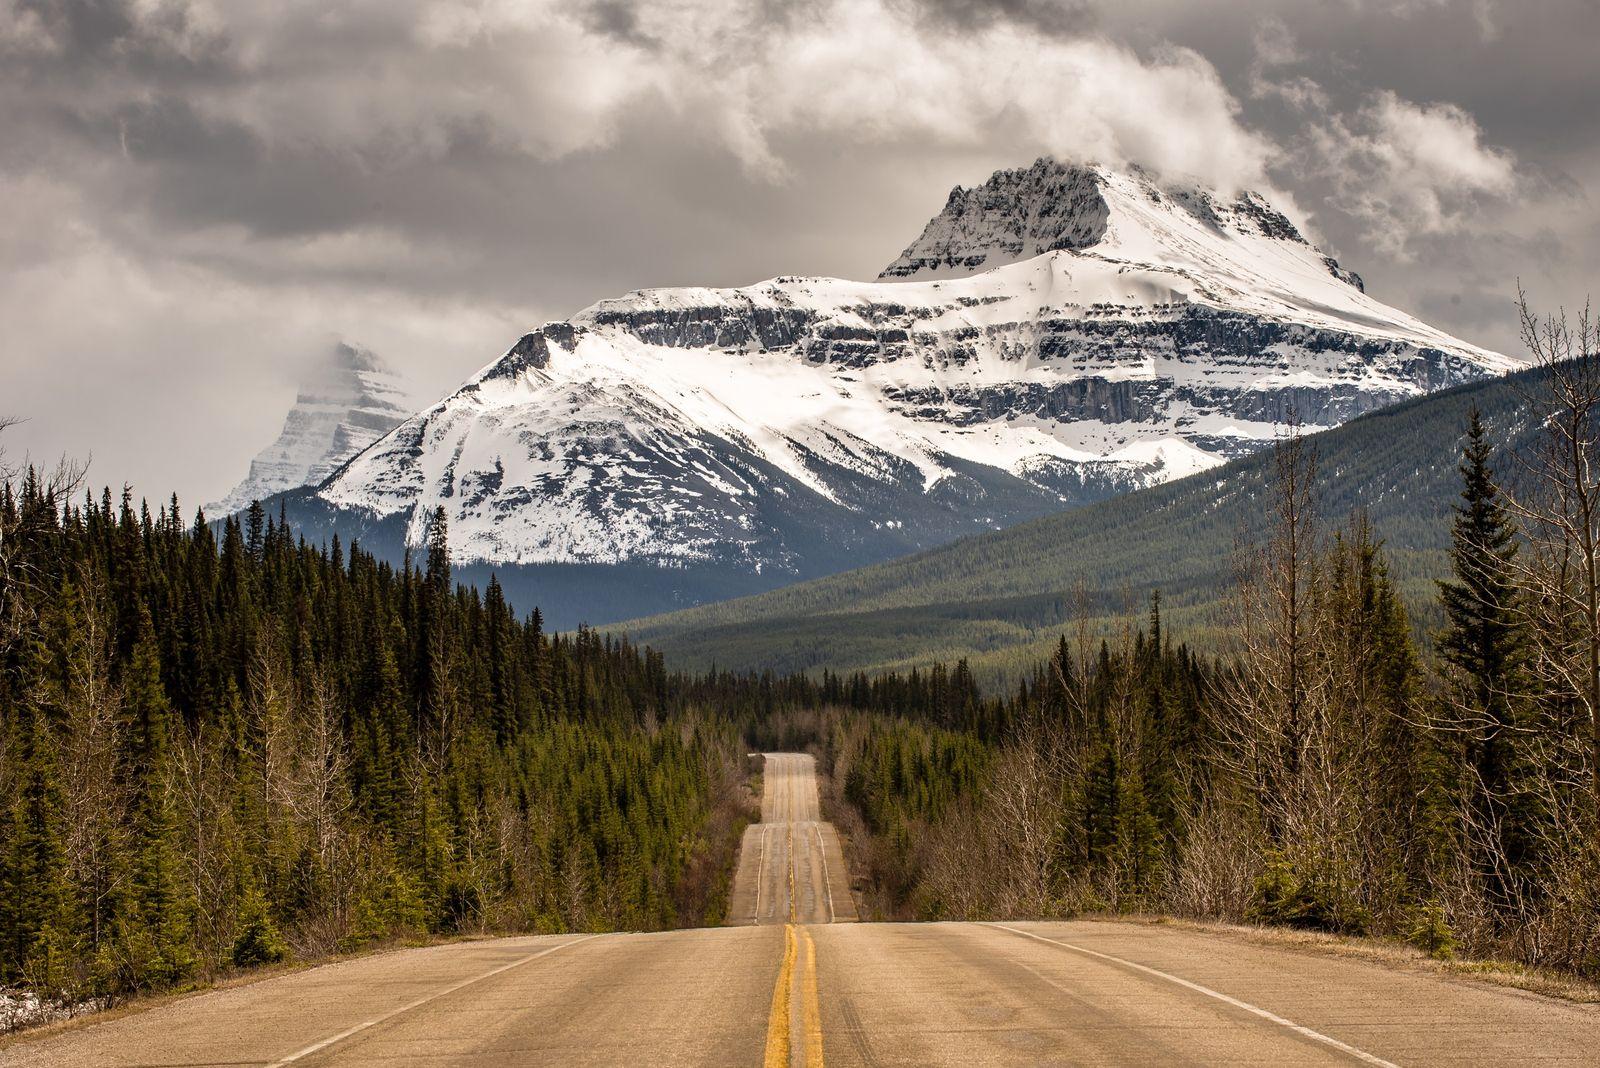 Der Icefields Parkway verläuft in Richtung der kanadischen Rocky Mountains und des Jasper-Nationalparks.